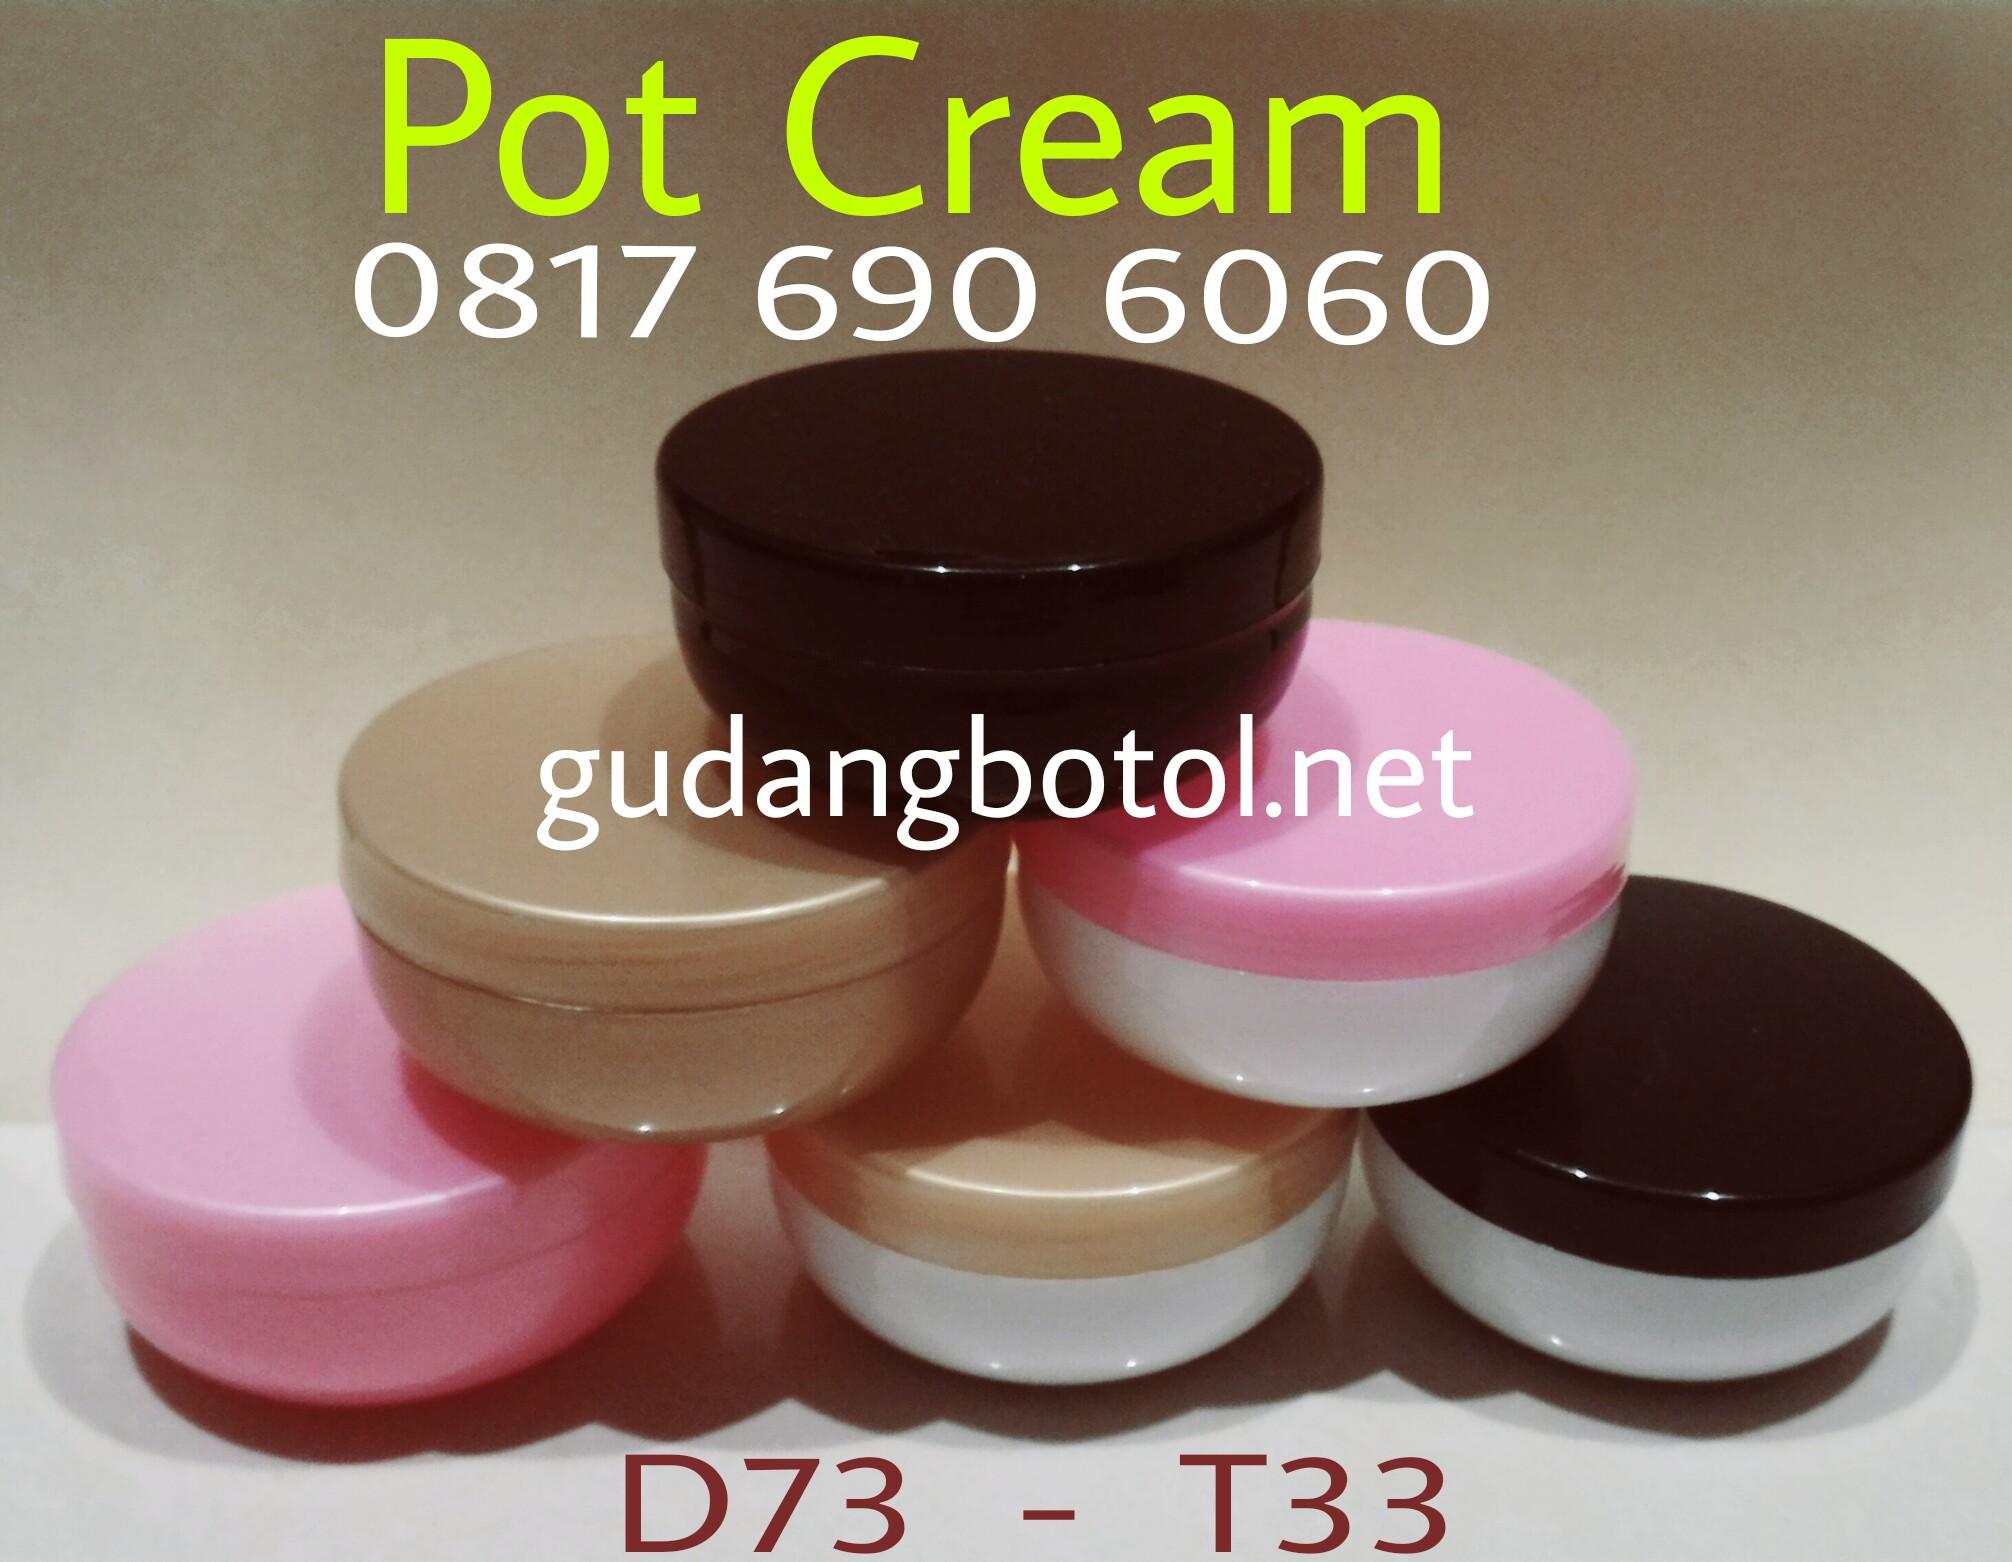 Pot Cream